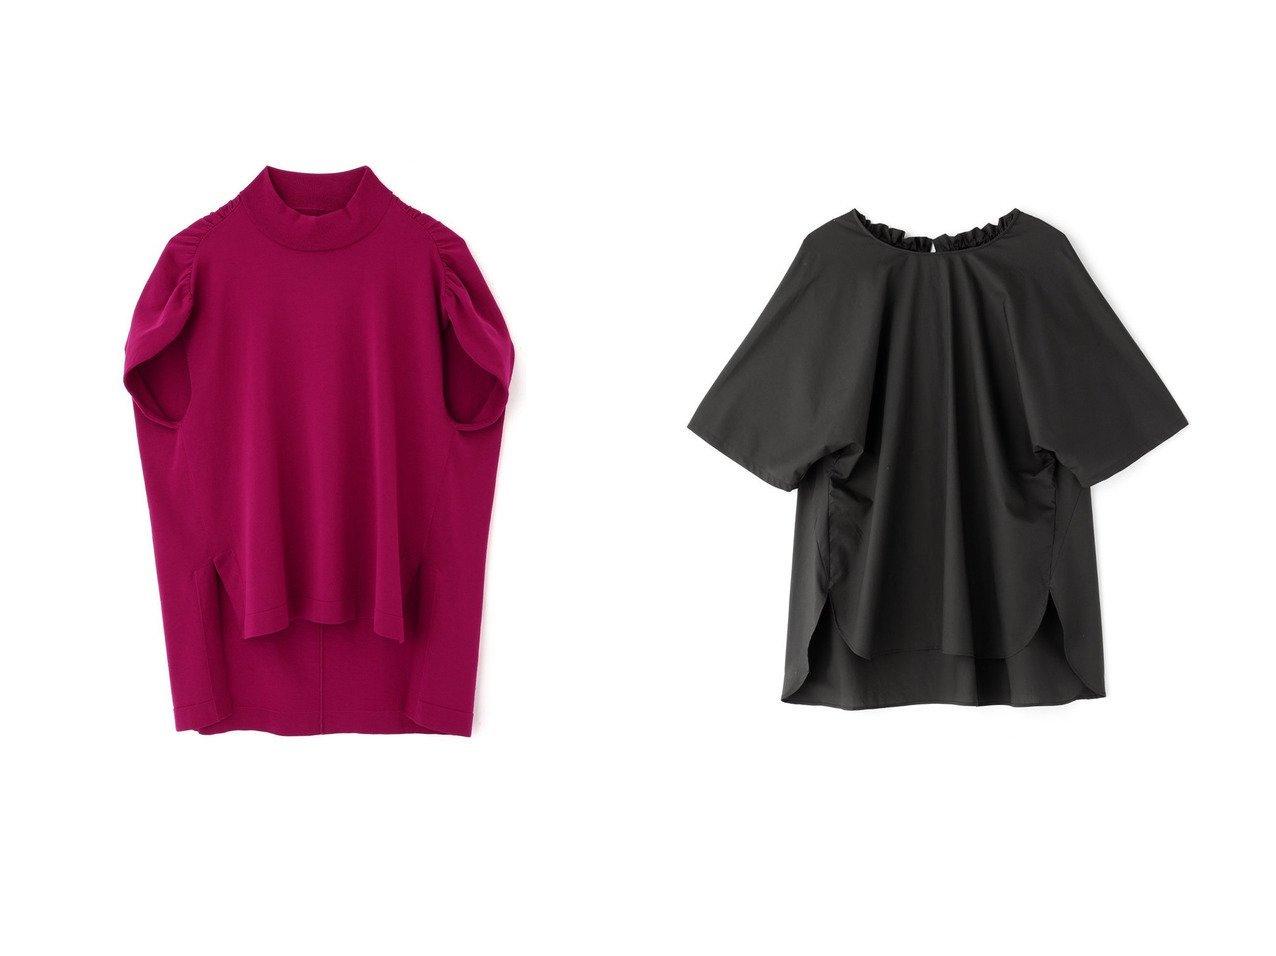 【ADORE/アドーア】のドライコットンニットトップス&クールタイプライターブラウス 【トップス・カットソー】おすすめ!人気、トレンド・レディースファッションの通販  おすすめで人気の流行・トレンド、ファッションの通販商品 インテリア・家具・メンズファッション・キッズファッション・レディースファッション・服の通販 founy(ファニー) https://founy.com/ ファッション Fashion レディースファッション WOMEN トップス・カットソー Tops/Tshirt シャツ/ブラウス Shirts/Blouses ニット Knit Tops プルオーバー Pullover ショート スリーブ ヘムライン ボトム おすすめ Recommend カットソー ストレッチ 人気  ID:crp329100000049308